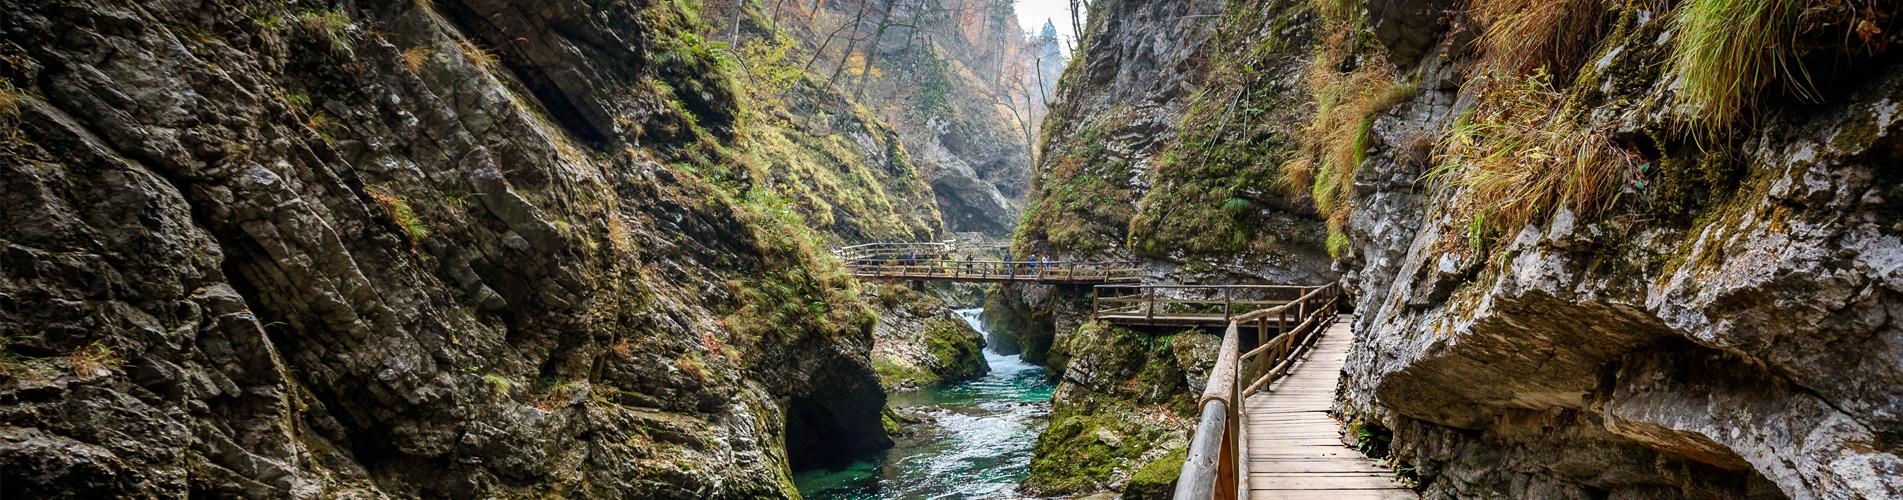 Geführte und individuelle Wanderferien und Wanderreisen in Europa